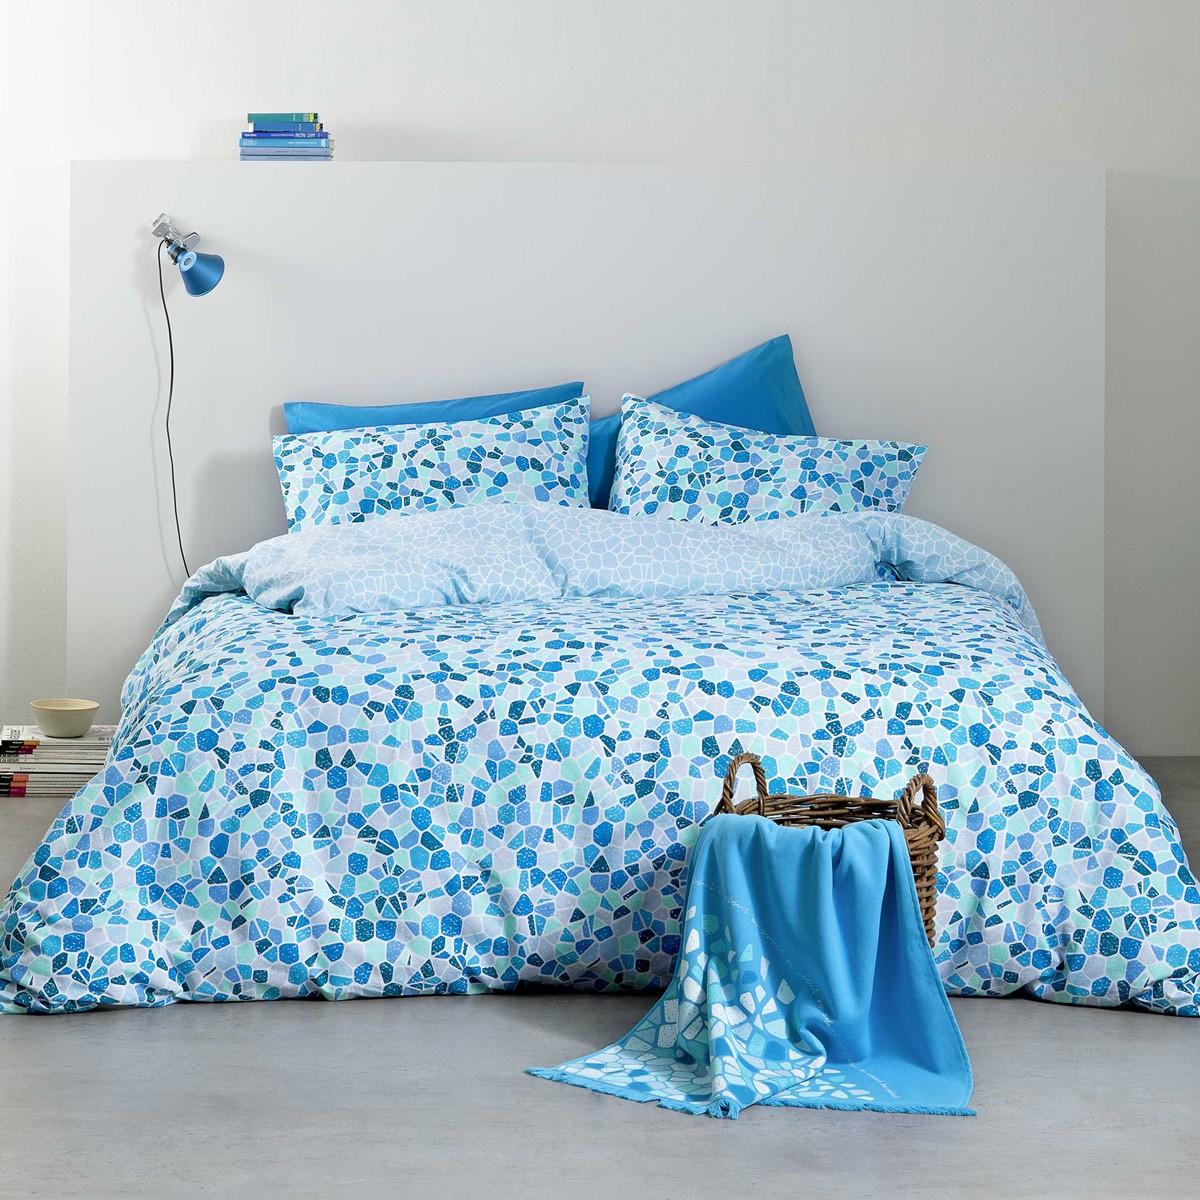 Σεντόνια Υπέρδιπλα (Σετ) Nima Bed Linen Boracay Blue ΧΩΡΙΣ ΛΑΣΤΙΧΟ ΧΩΡΙΣ ΛΑΣΤΙΧΟ